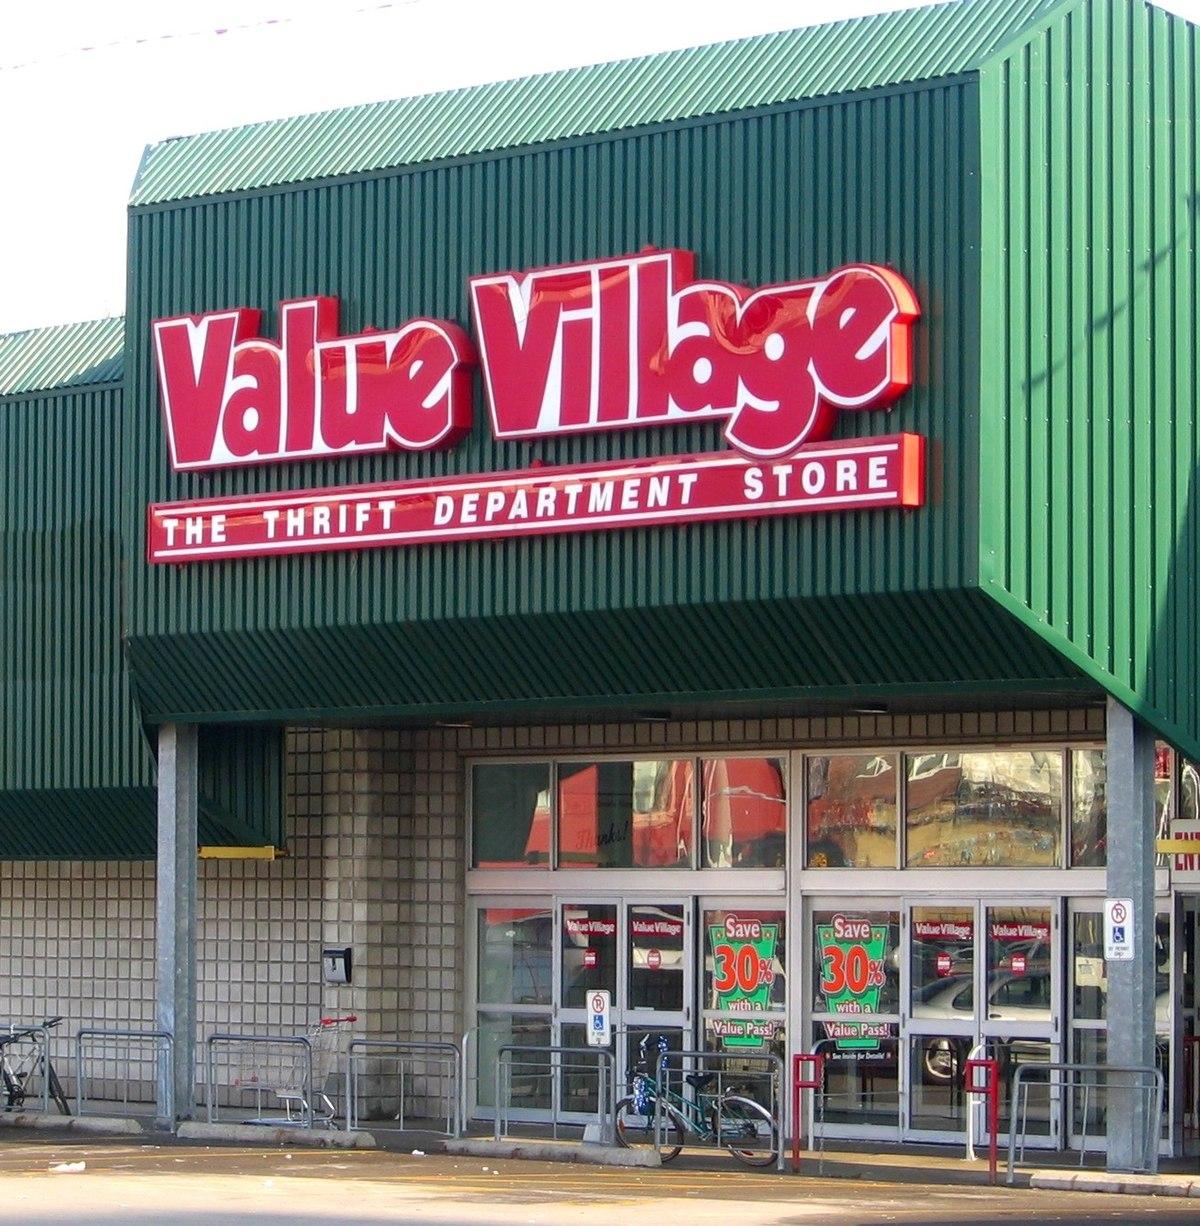 ولیو ویلیج فروشگاههای خود را در کانادا با تغییراتی باز میکند